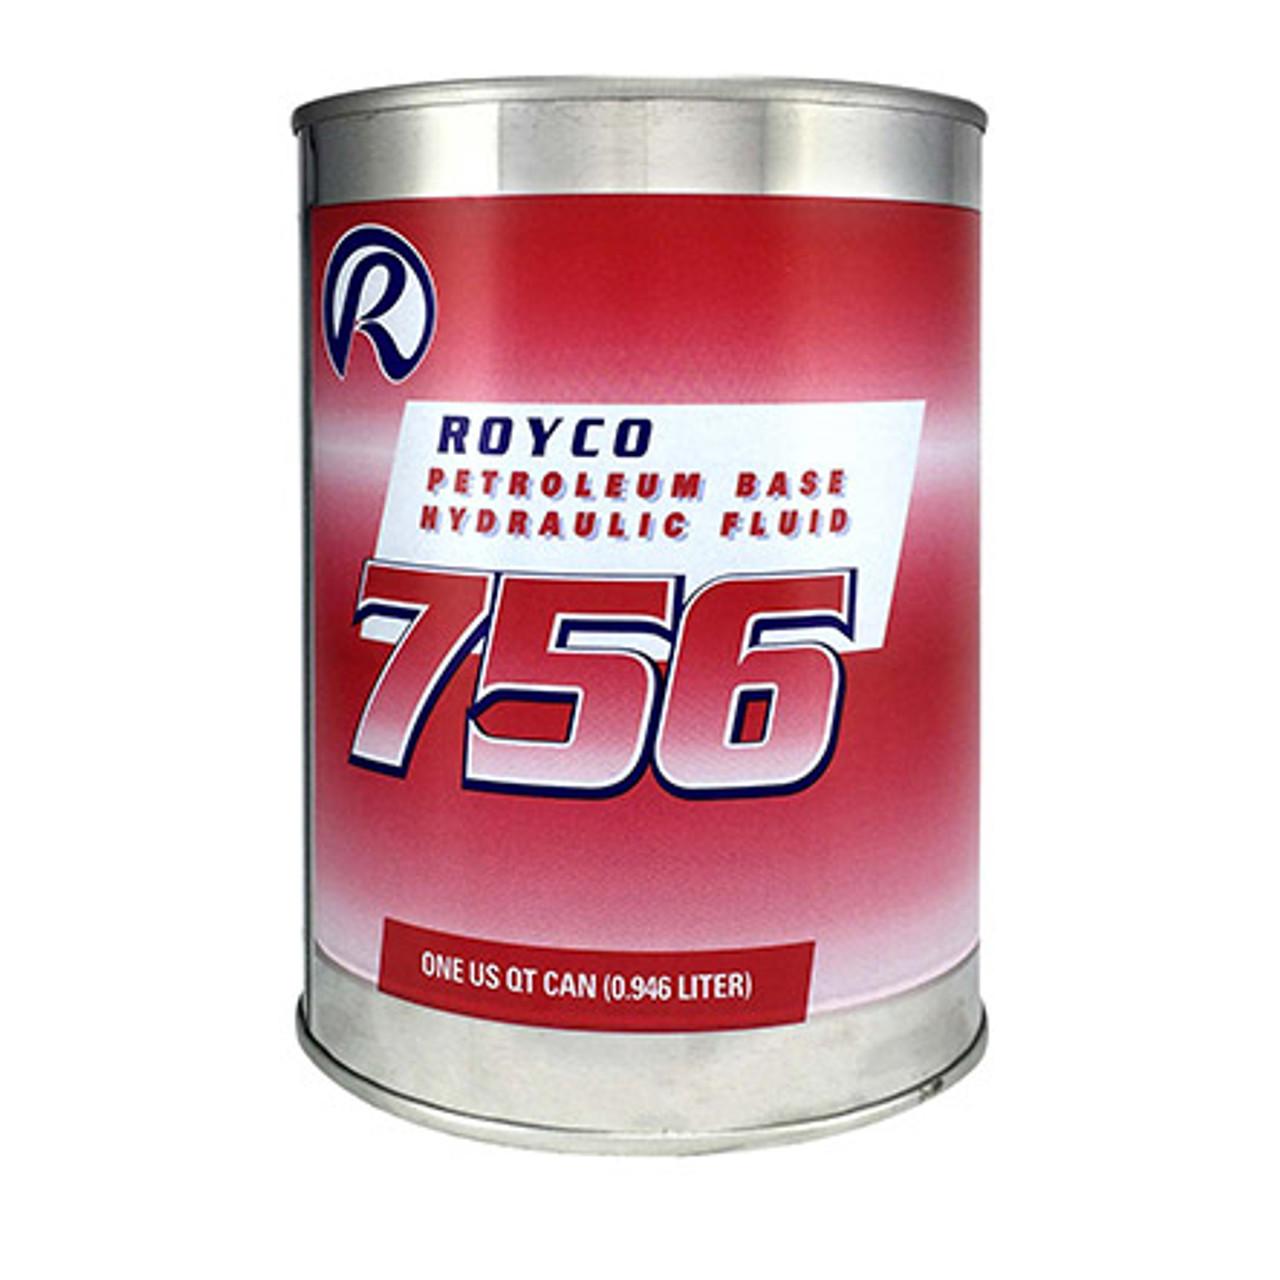 Royco 756 Hydraulic Fluid - Quart